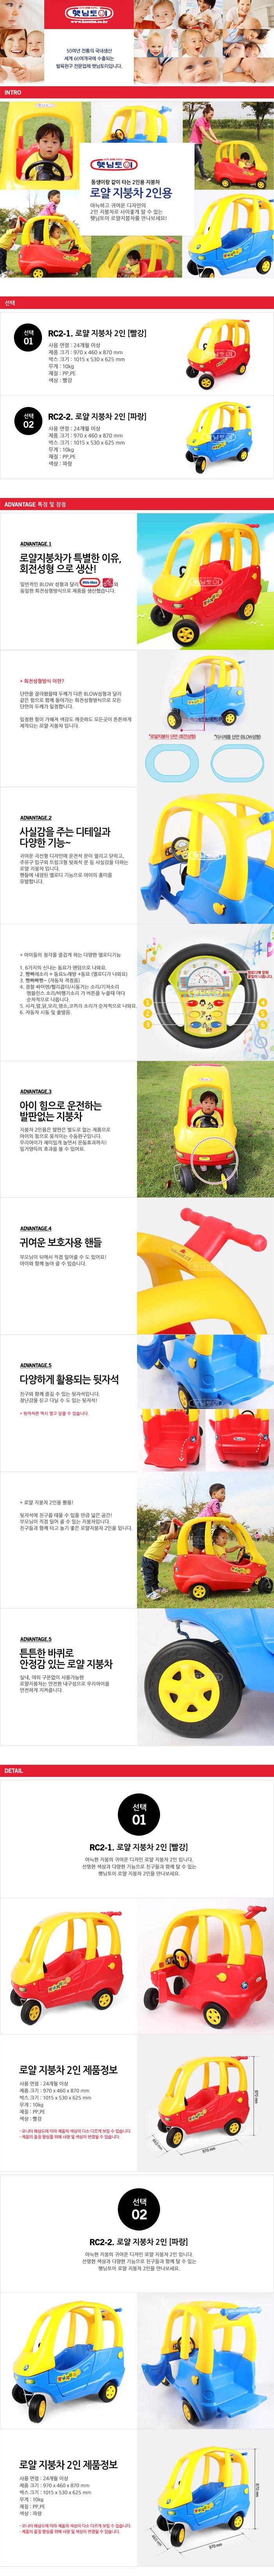 Haenim (Korea) Kiddy Roof Car - Double